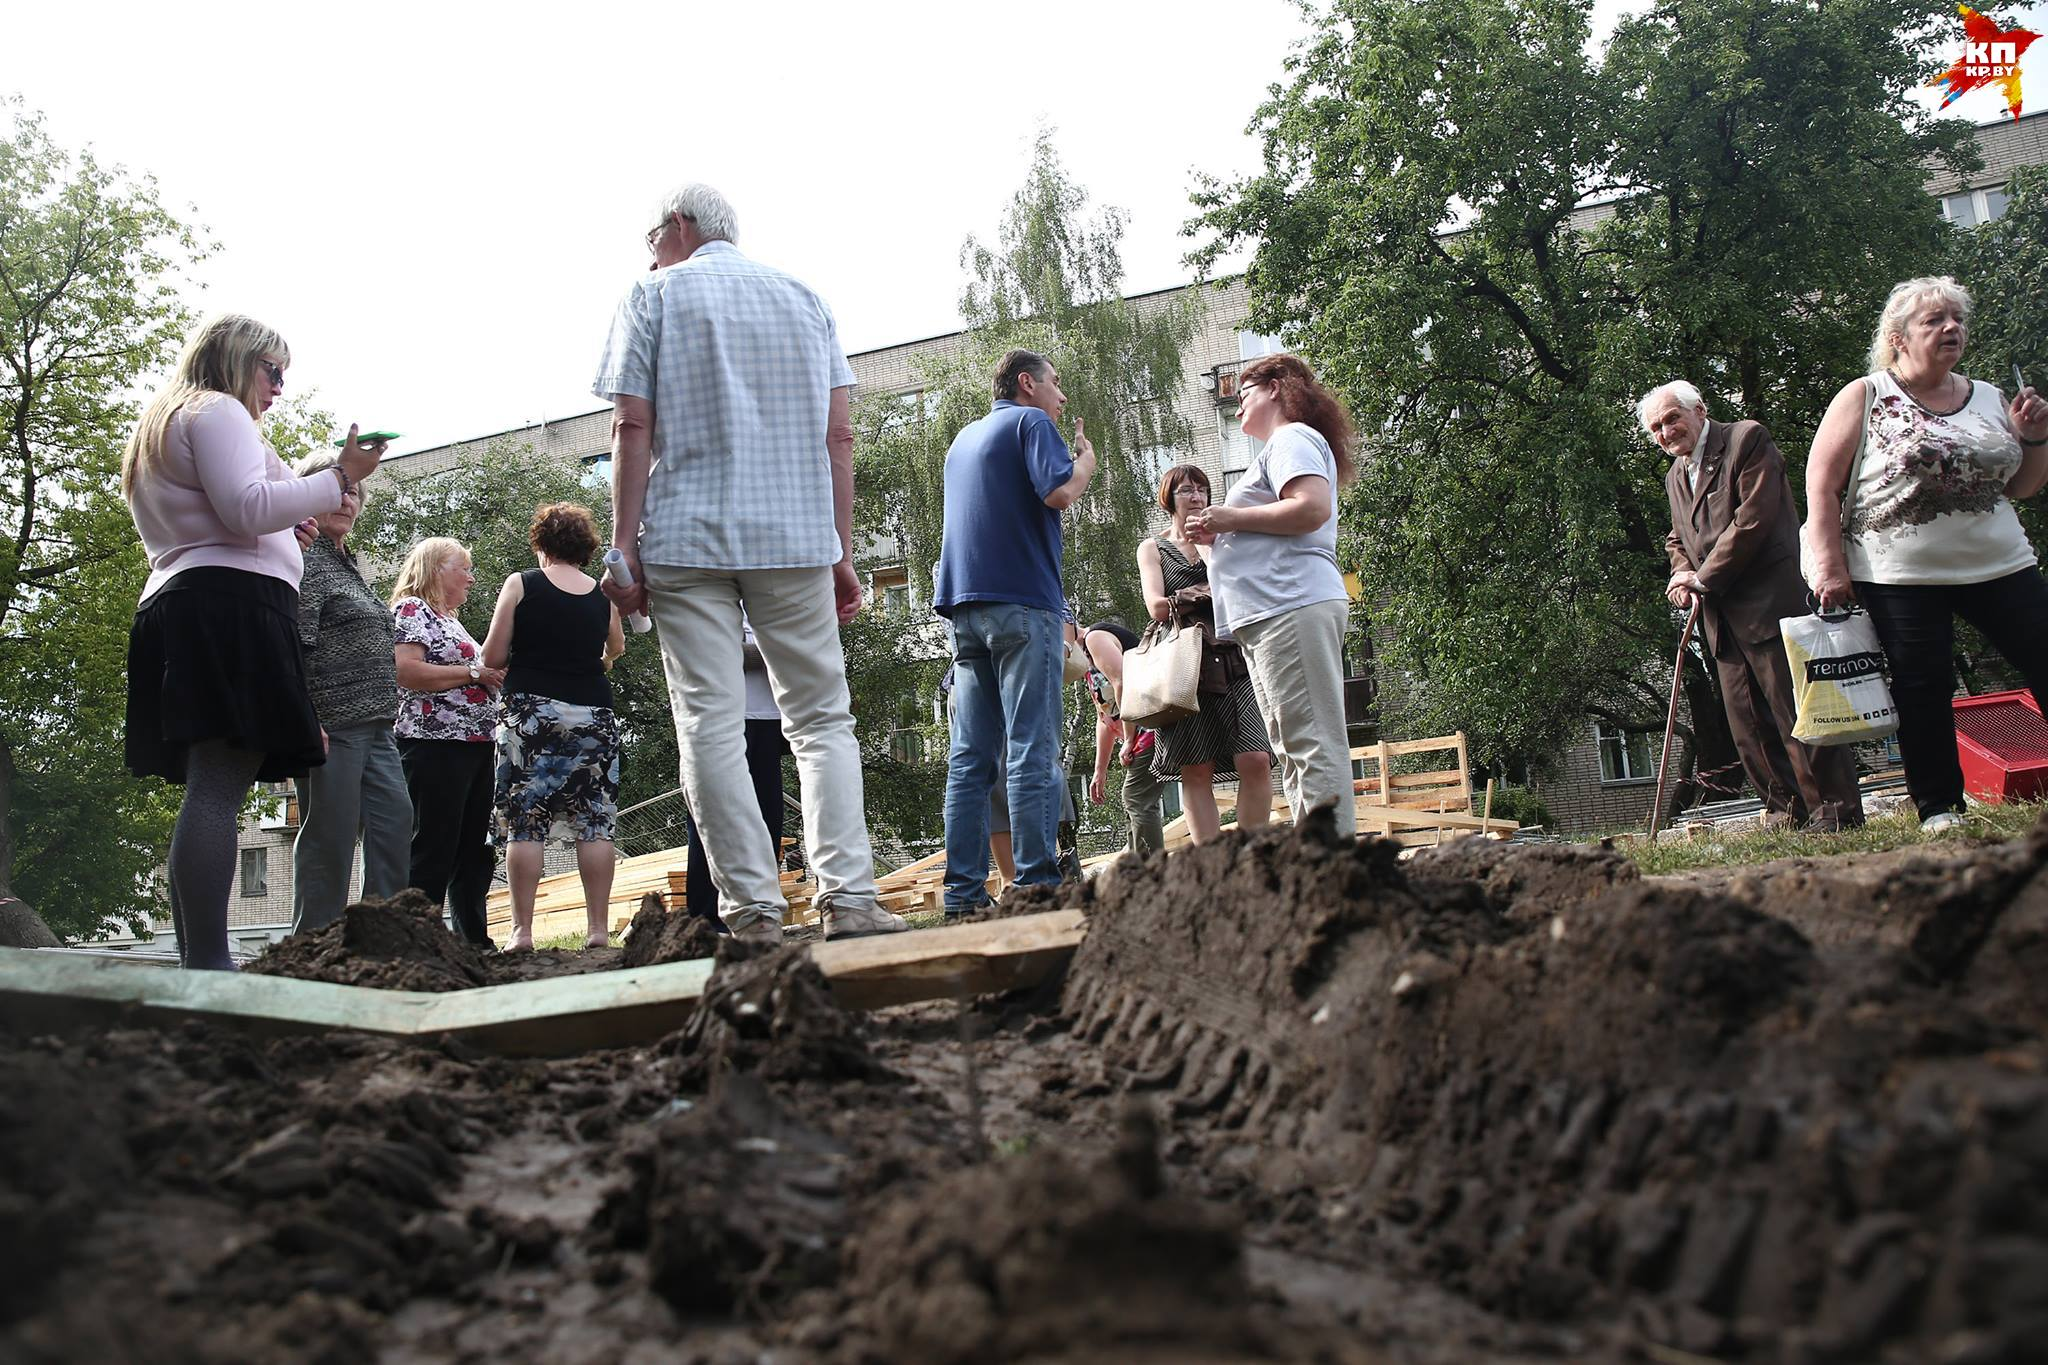 Жители дома по столичной улице Андреевской бьются против строительства под окнами: дежурят с восьми утра во дворе, а ночью прислушиваются к звуку машин